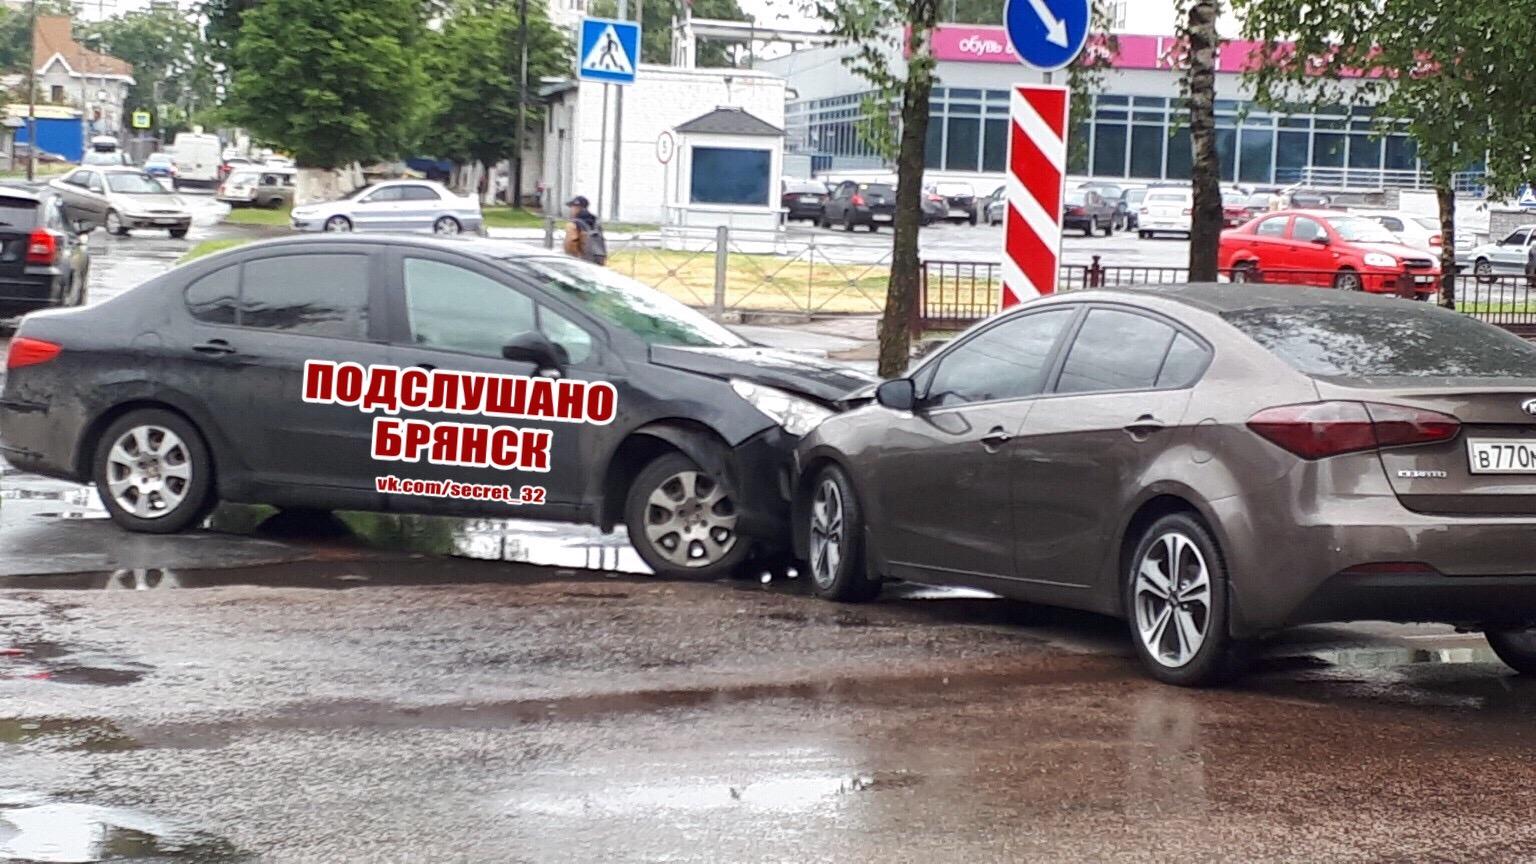 В Брянске возле ТРЦ «БУМ сити» произошла авария